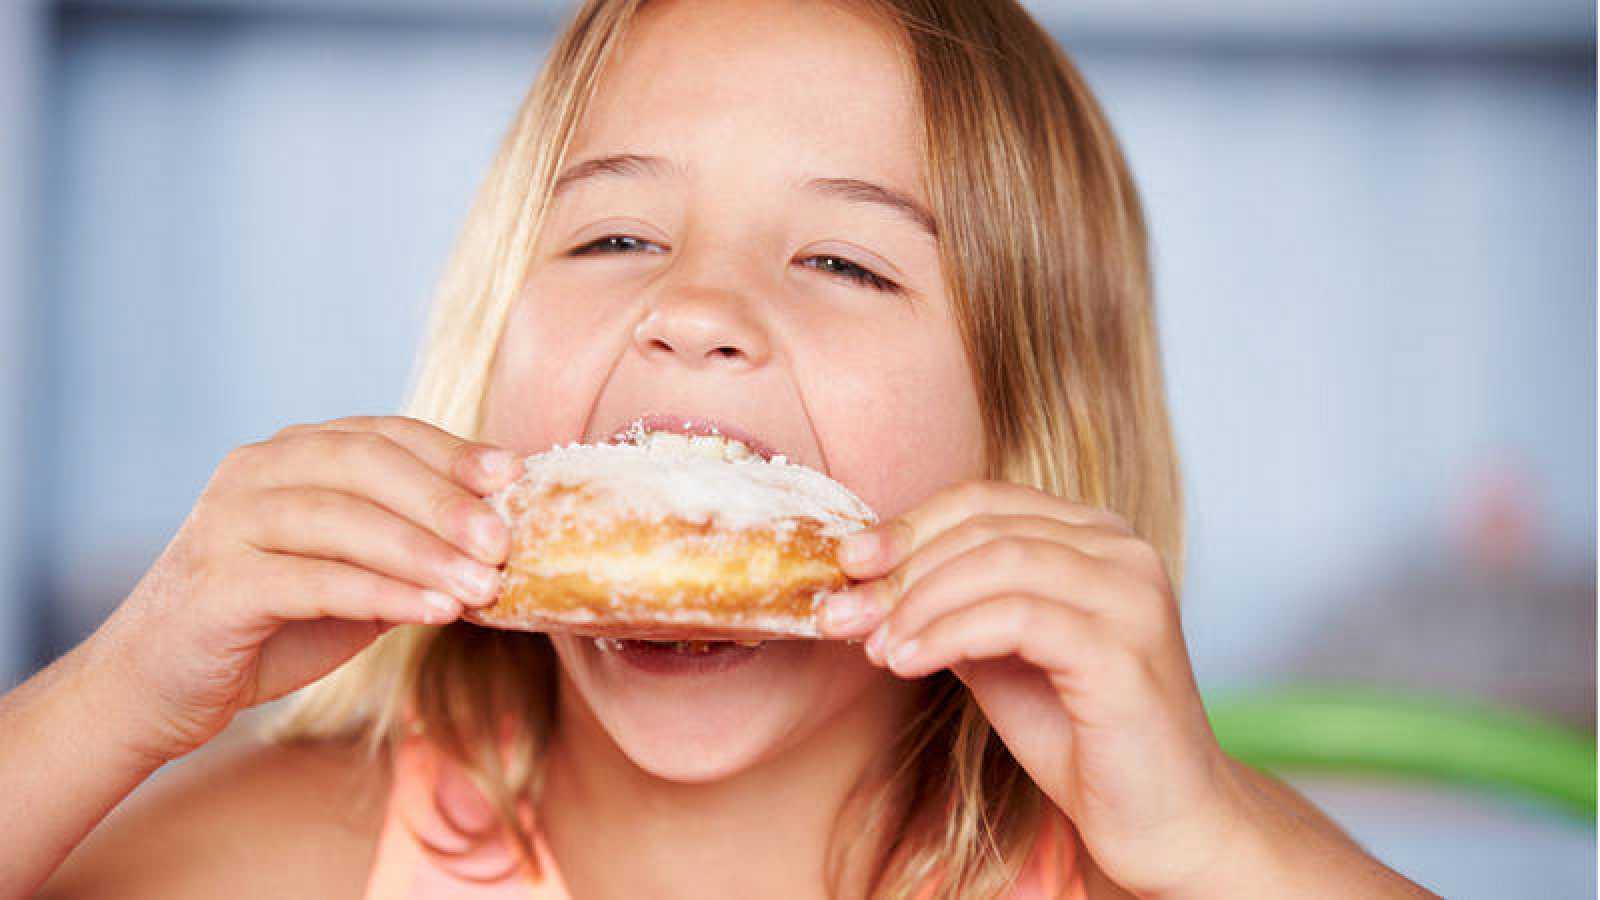 Uno de cada tres menores de 5 años sufre desnutrición o sobrepeso